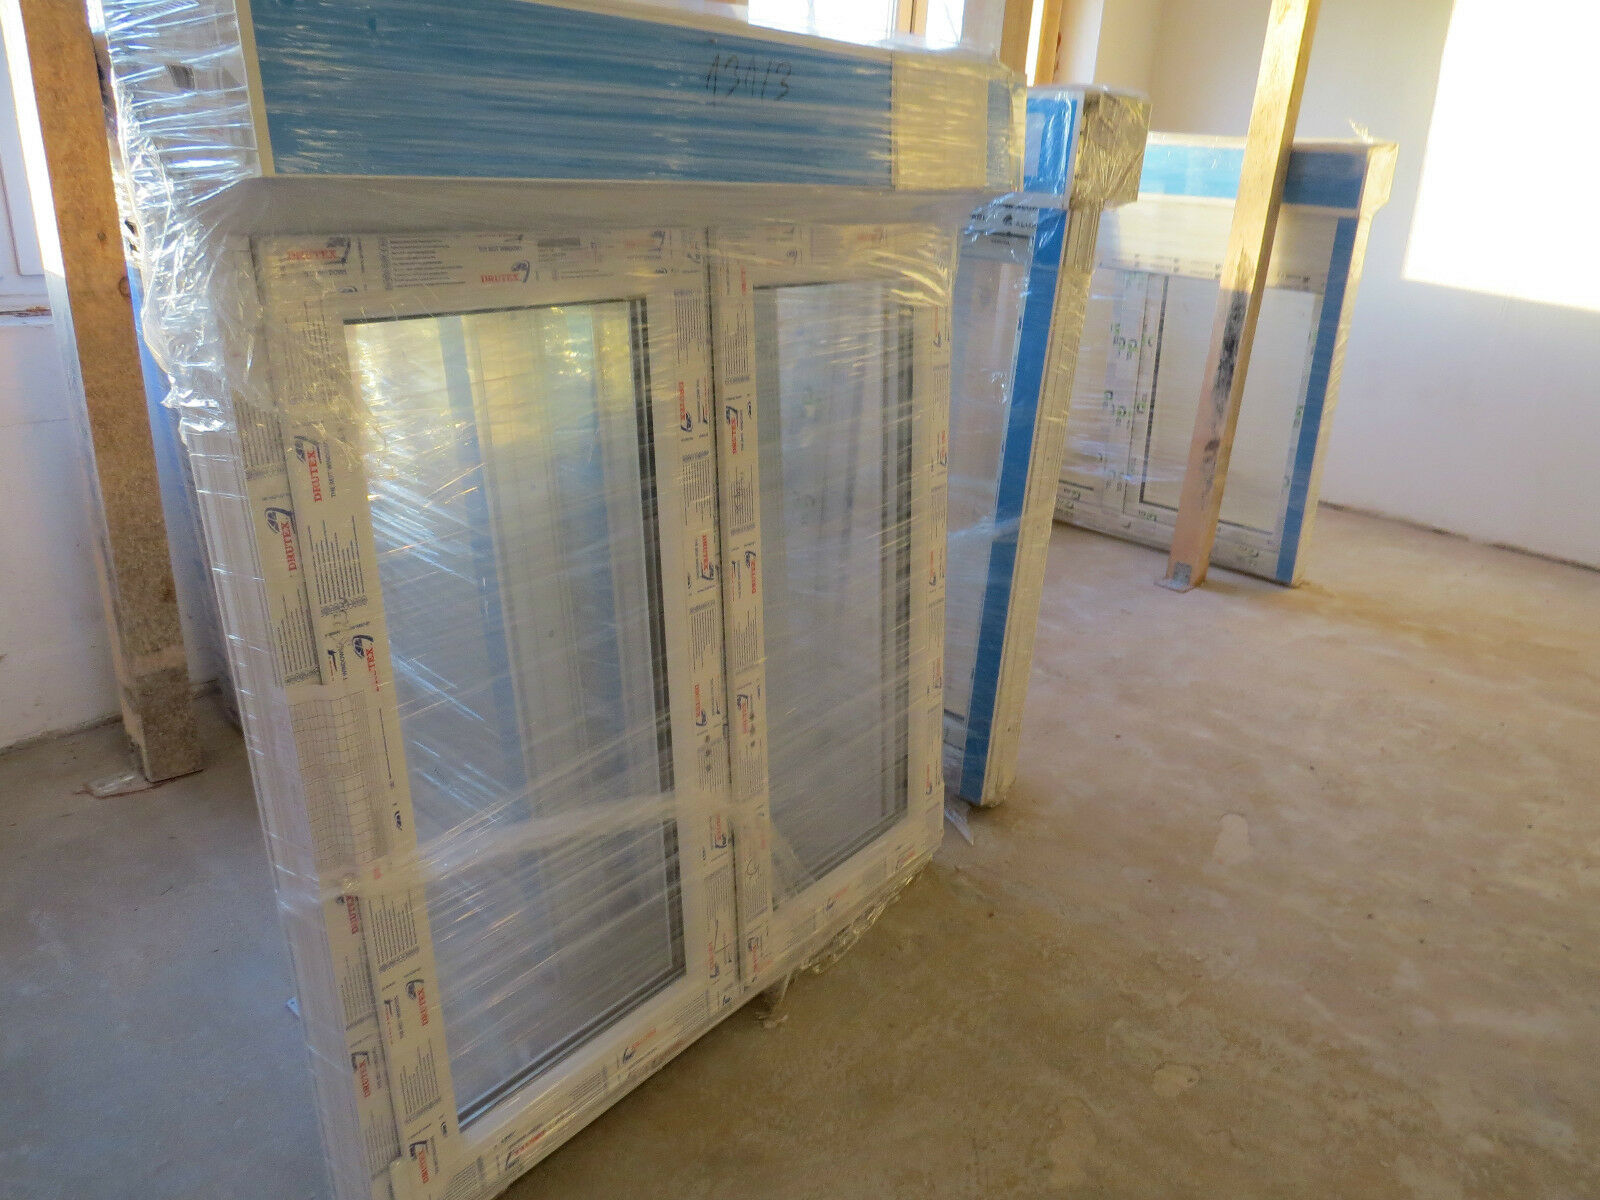 2 Flügler Fenster 1500 mm Hoch mit mit mit elektrischem Rollladen  weiß Elektro Motor 1b42ef